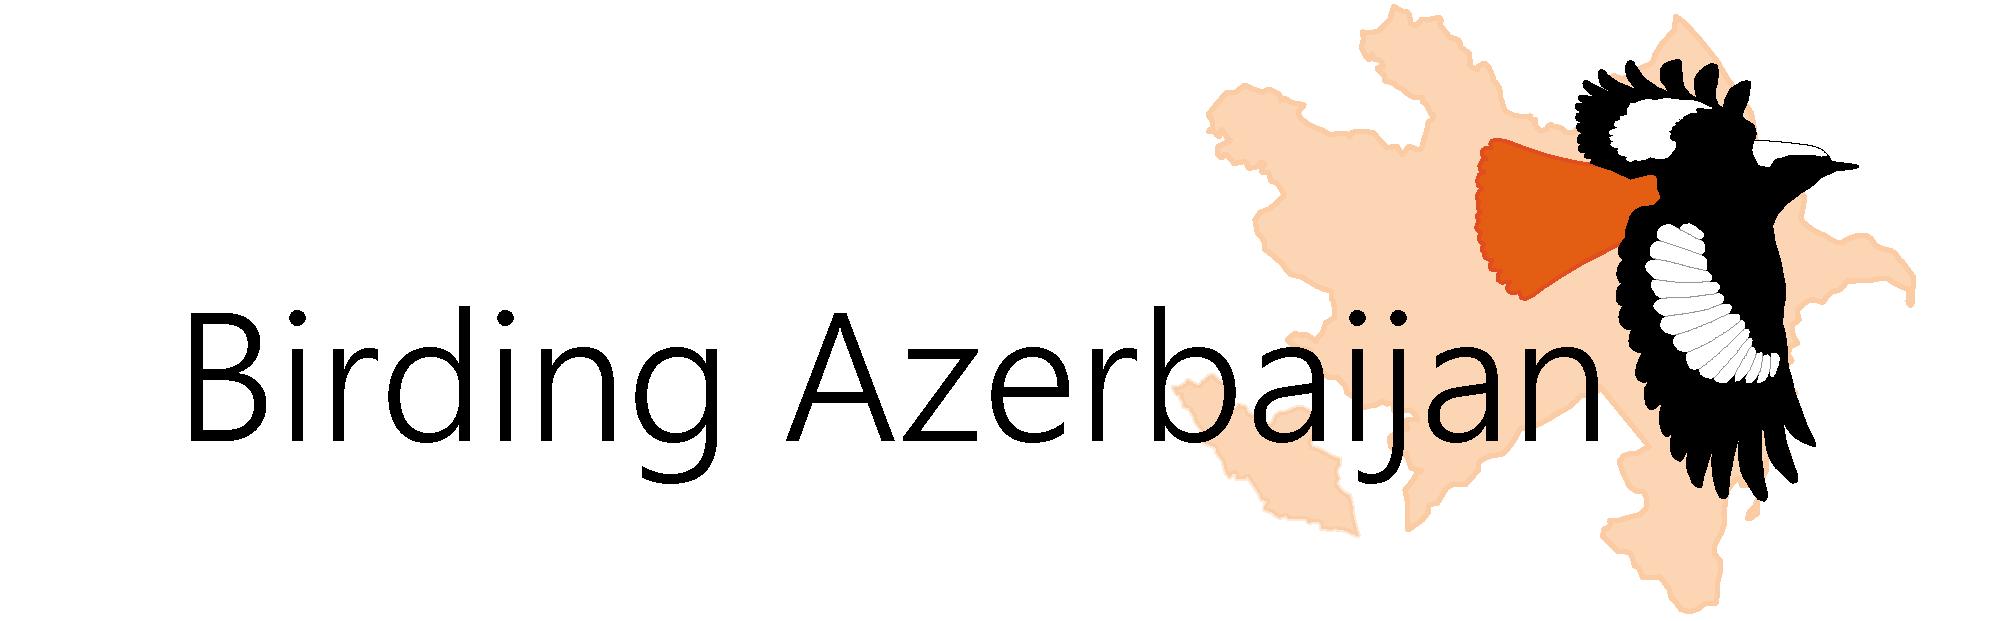 Birding Azerbaijan